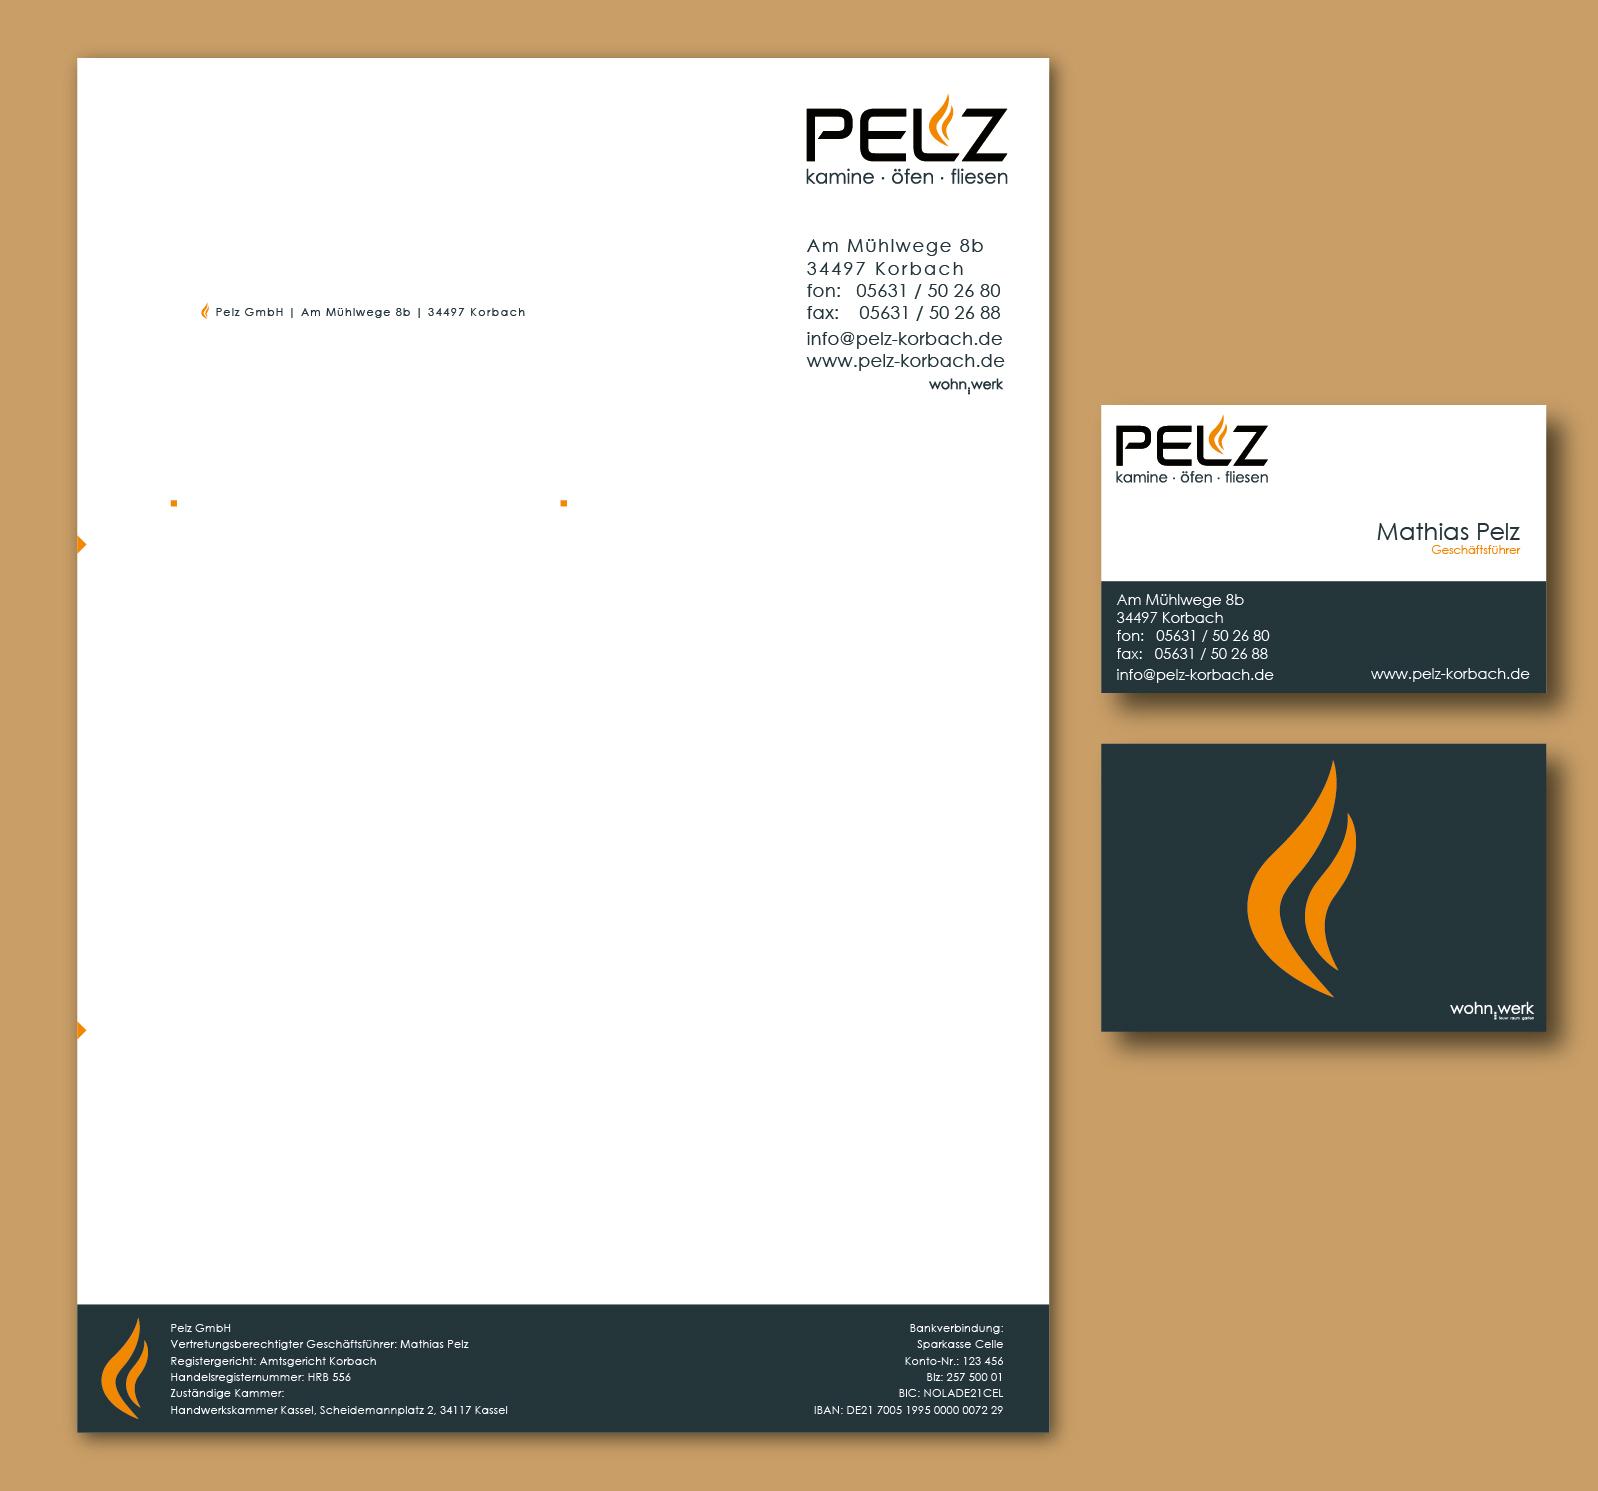 Pelz Gmbh Korbach visitenkarten und briefpapier visitenkarten design